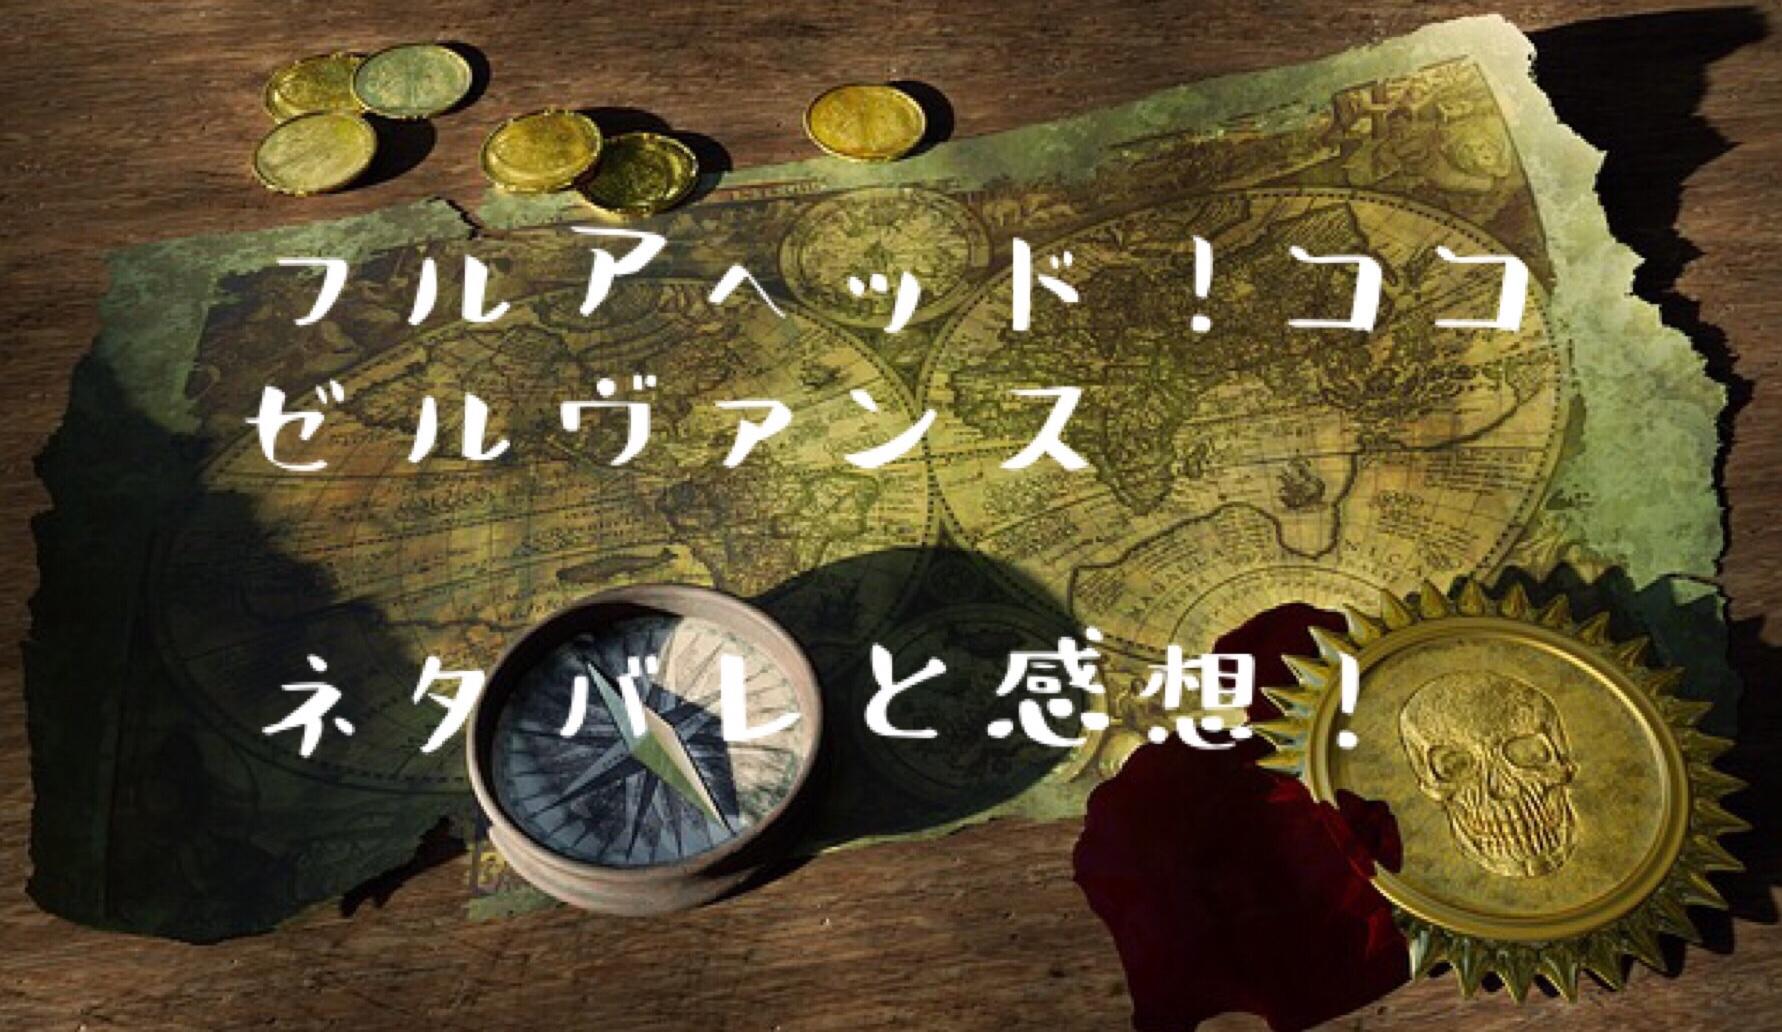 フルアヘッド!ココ ゼルヴァンス【最新第20話】ネタバレと感想!